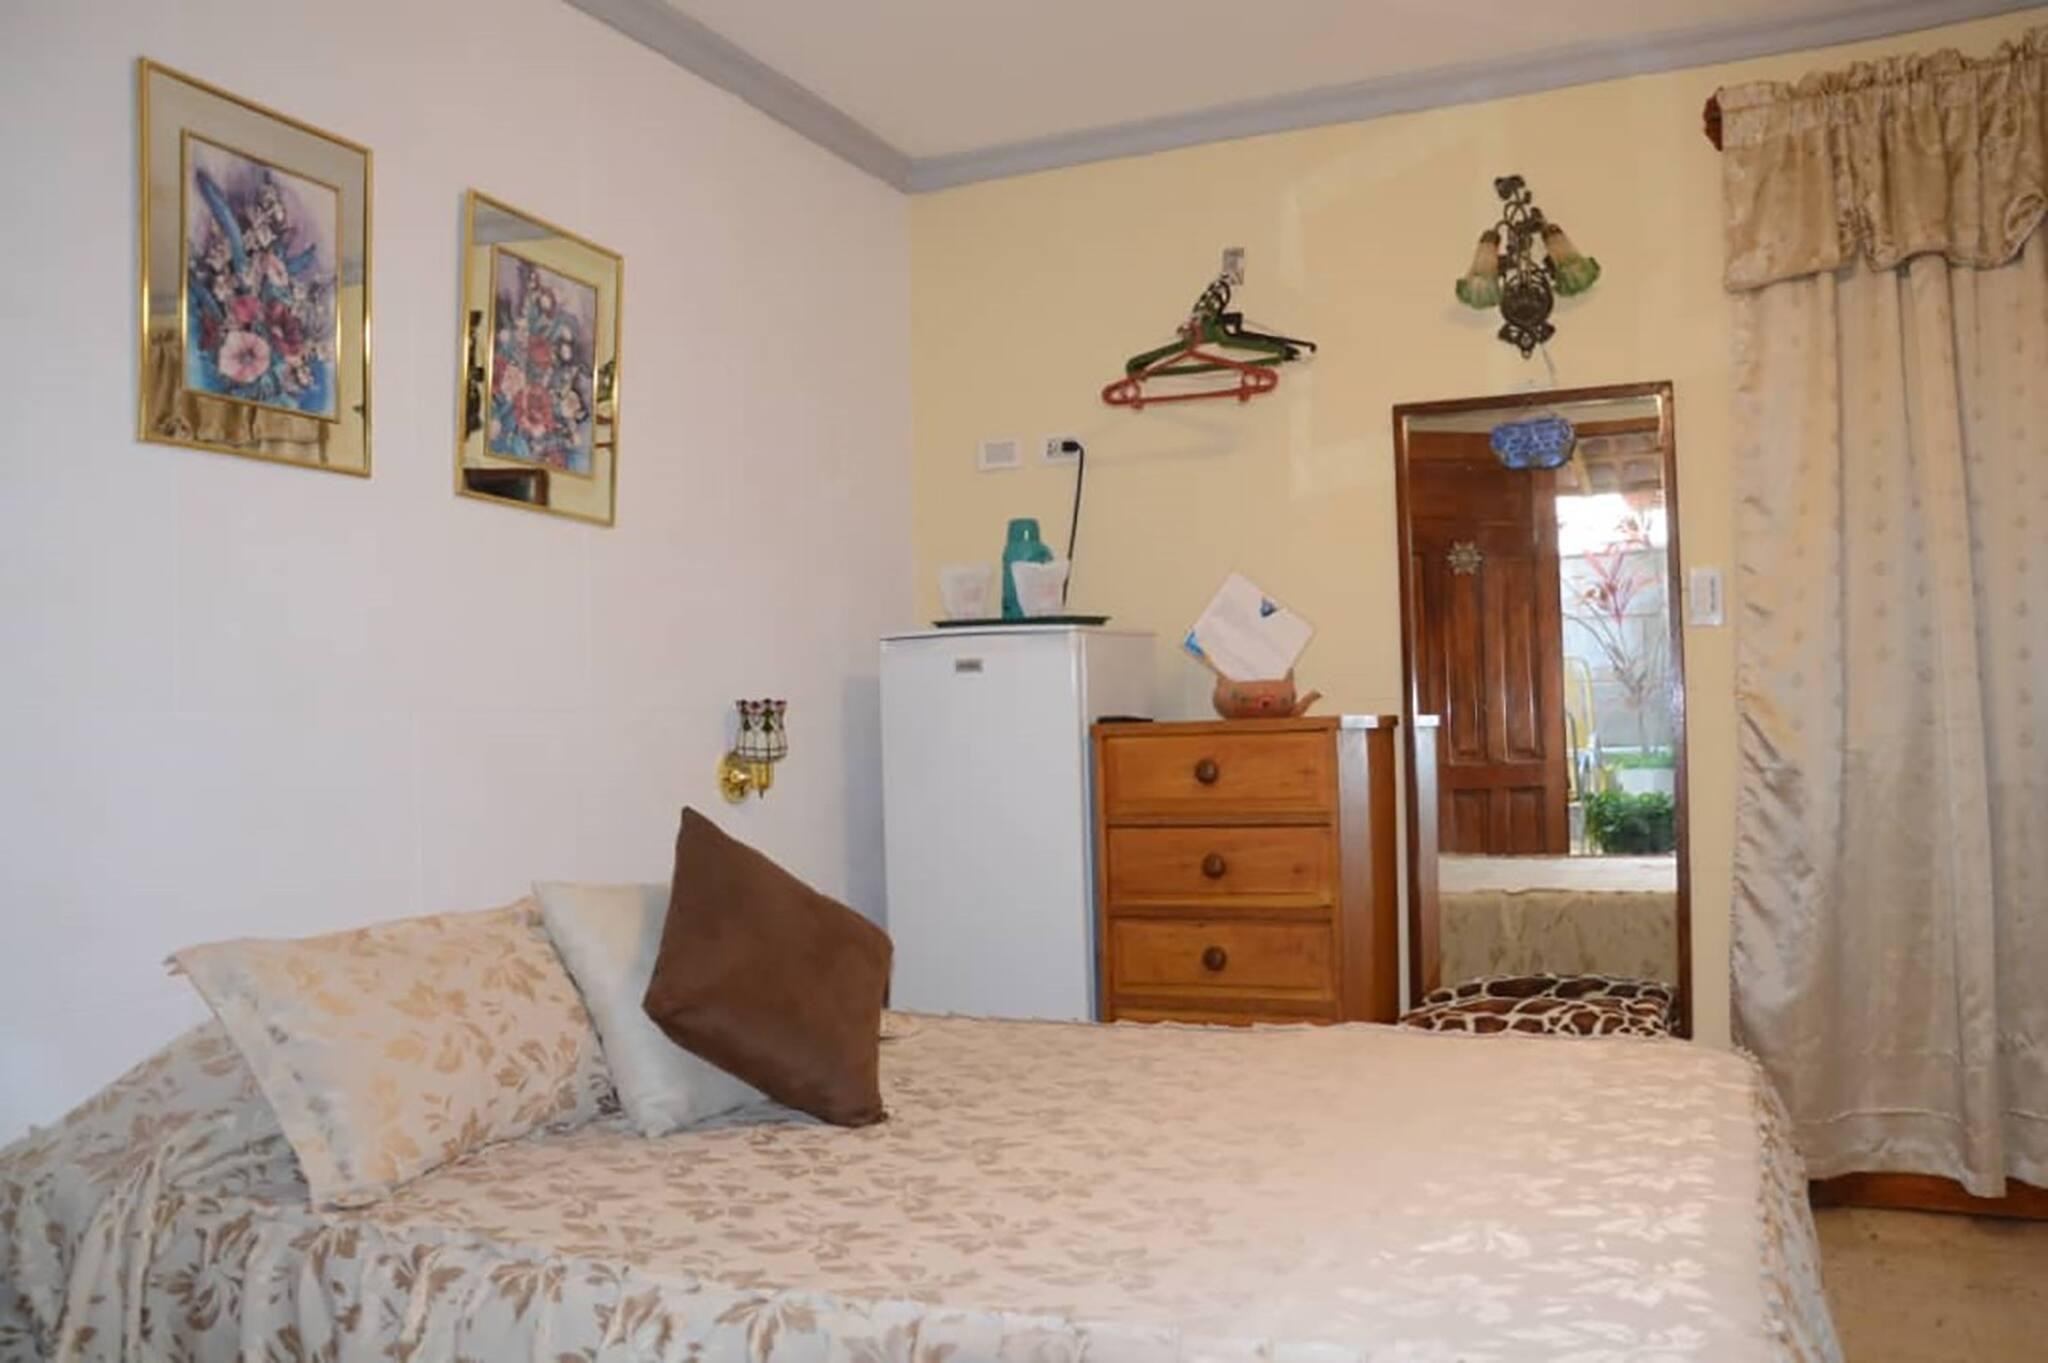 Wacos House, Zimmer 2 - Ein friedliches und komfortables Schlafzimmer im Herzen von Varadero